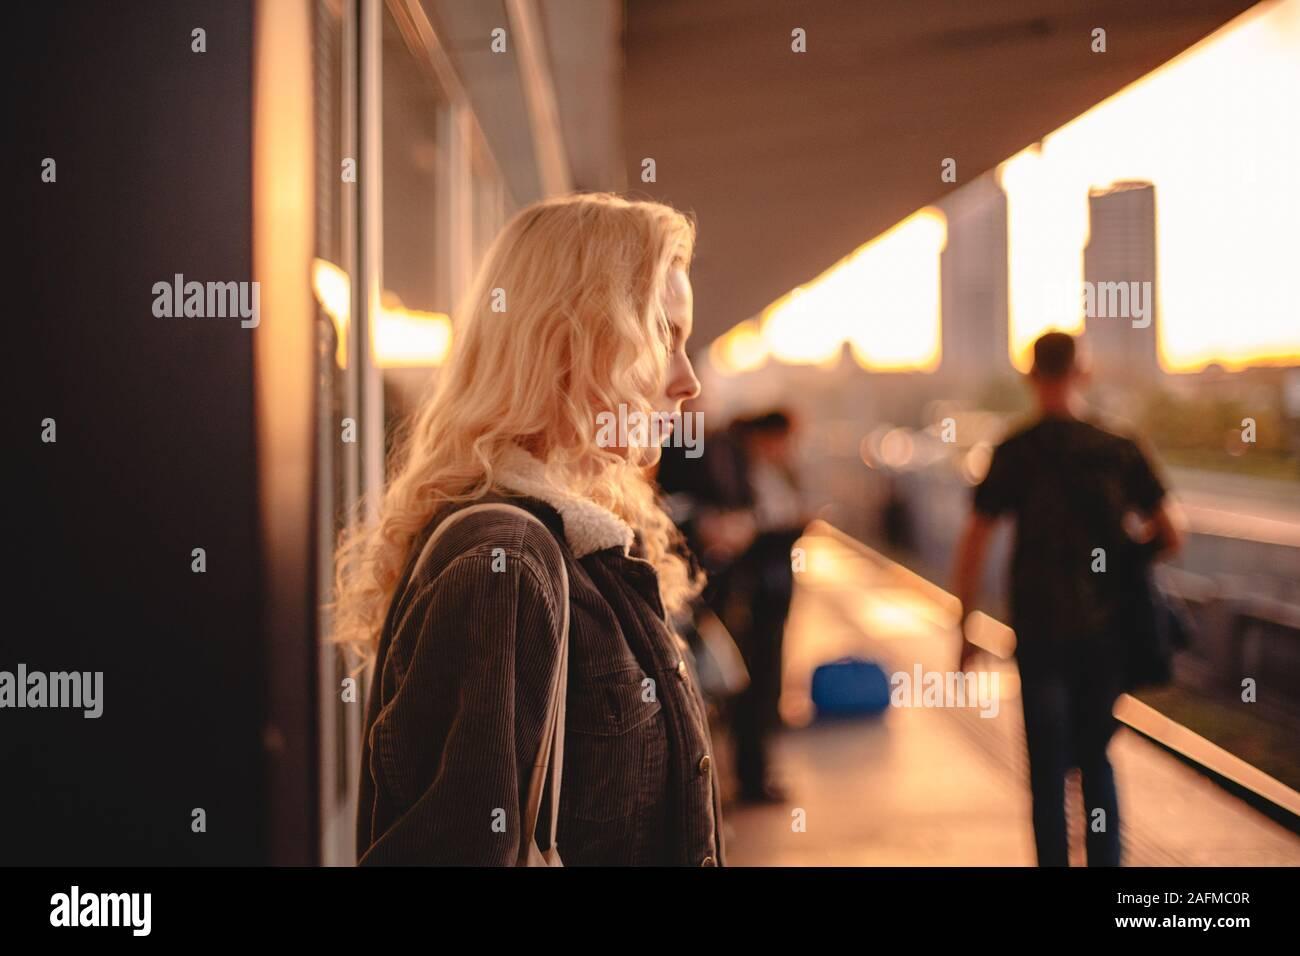 Mujer joven con cabello rubio esperando el tren en la estación de metro Foto de stock